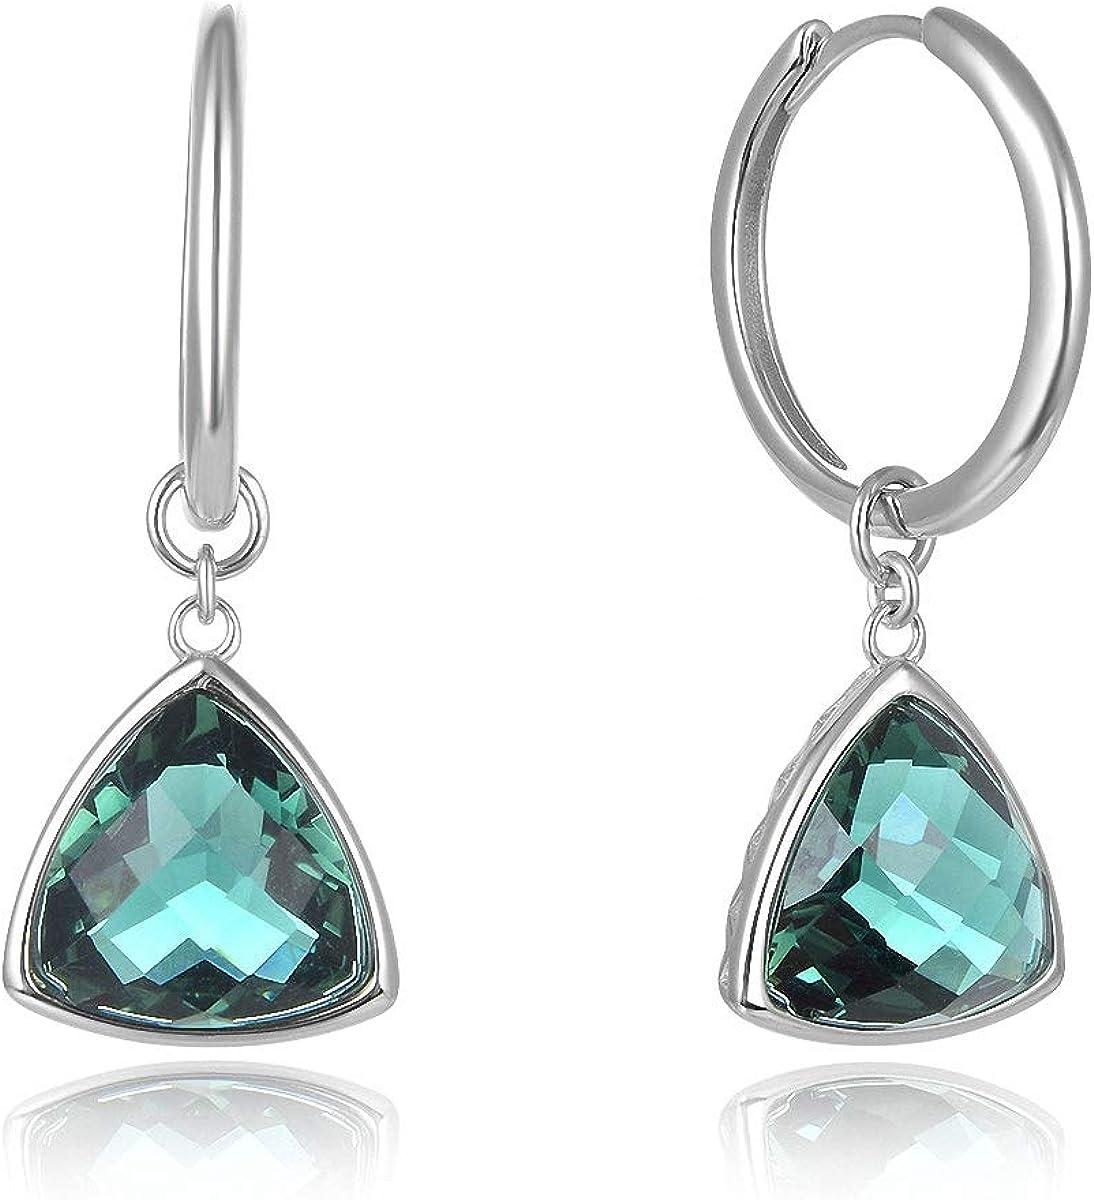 Pendientes de plata de ley 925 de Lotus Fun, con cristales verdes, estilo étnico, triángulo, piedras preciosas, pendientes pequeños, joyas únicas para mujeres y niñas